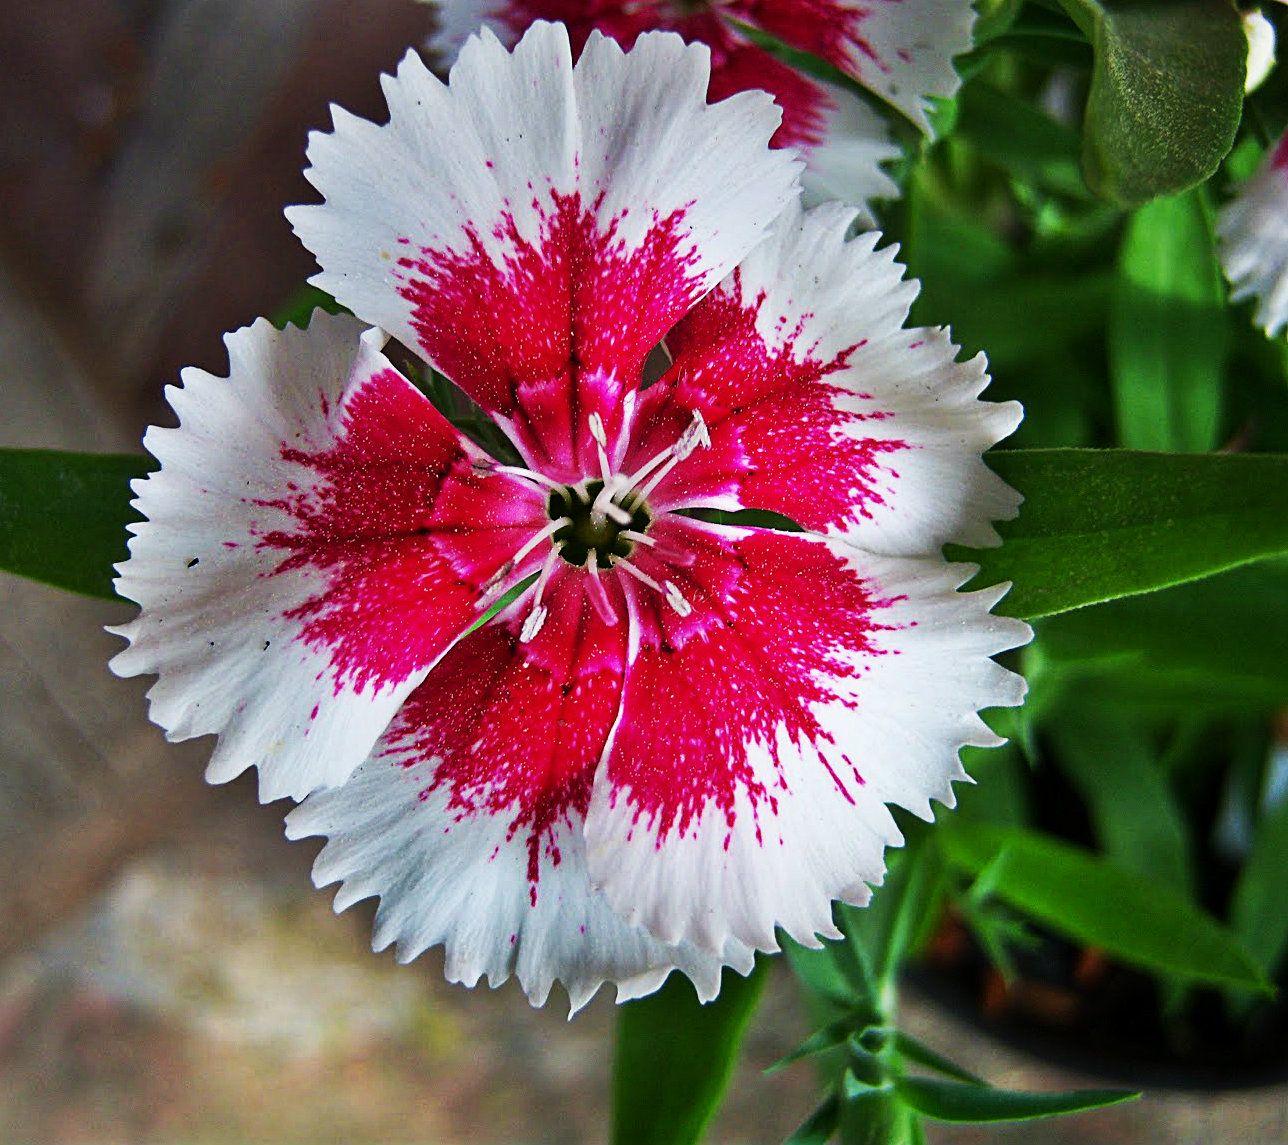 Simbolo Naturales Del Estado Tachira | s 237 mbolos naturales del estado t 225 chira clavellinas claveles flores bonitas